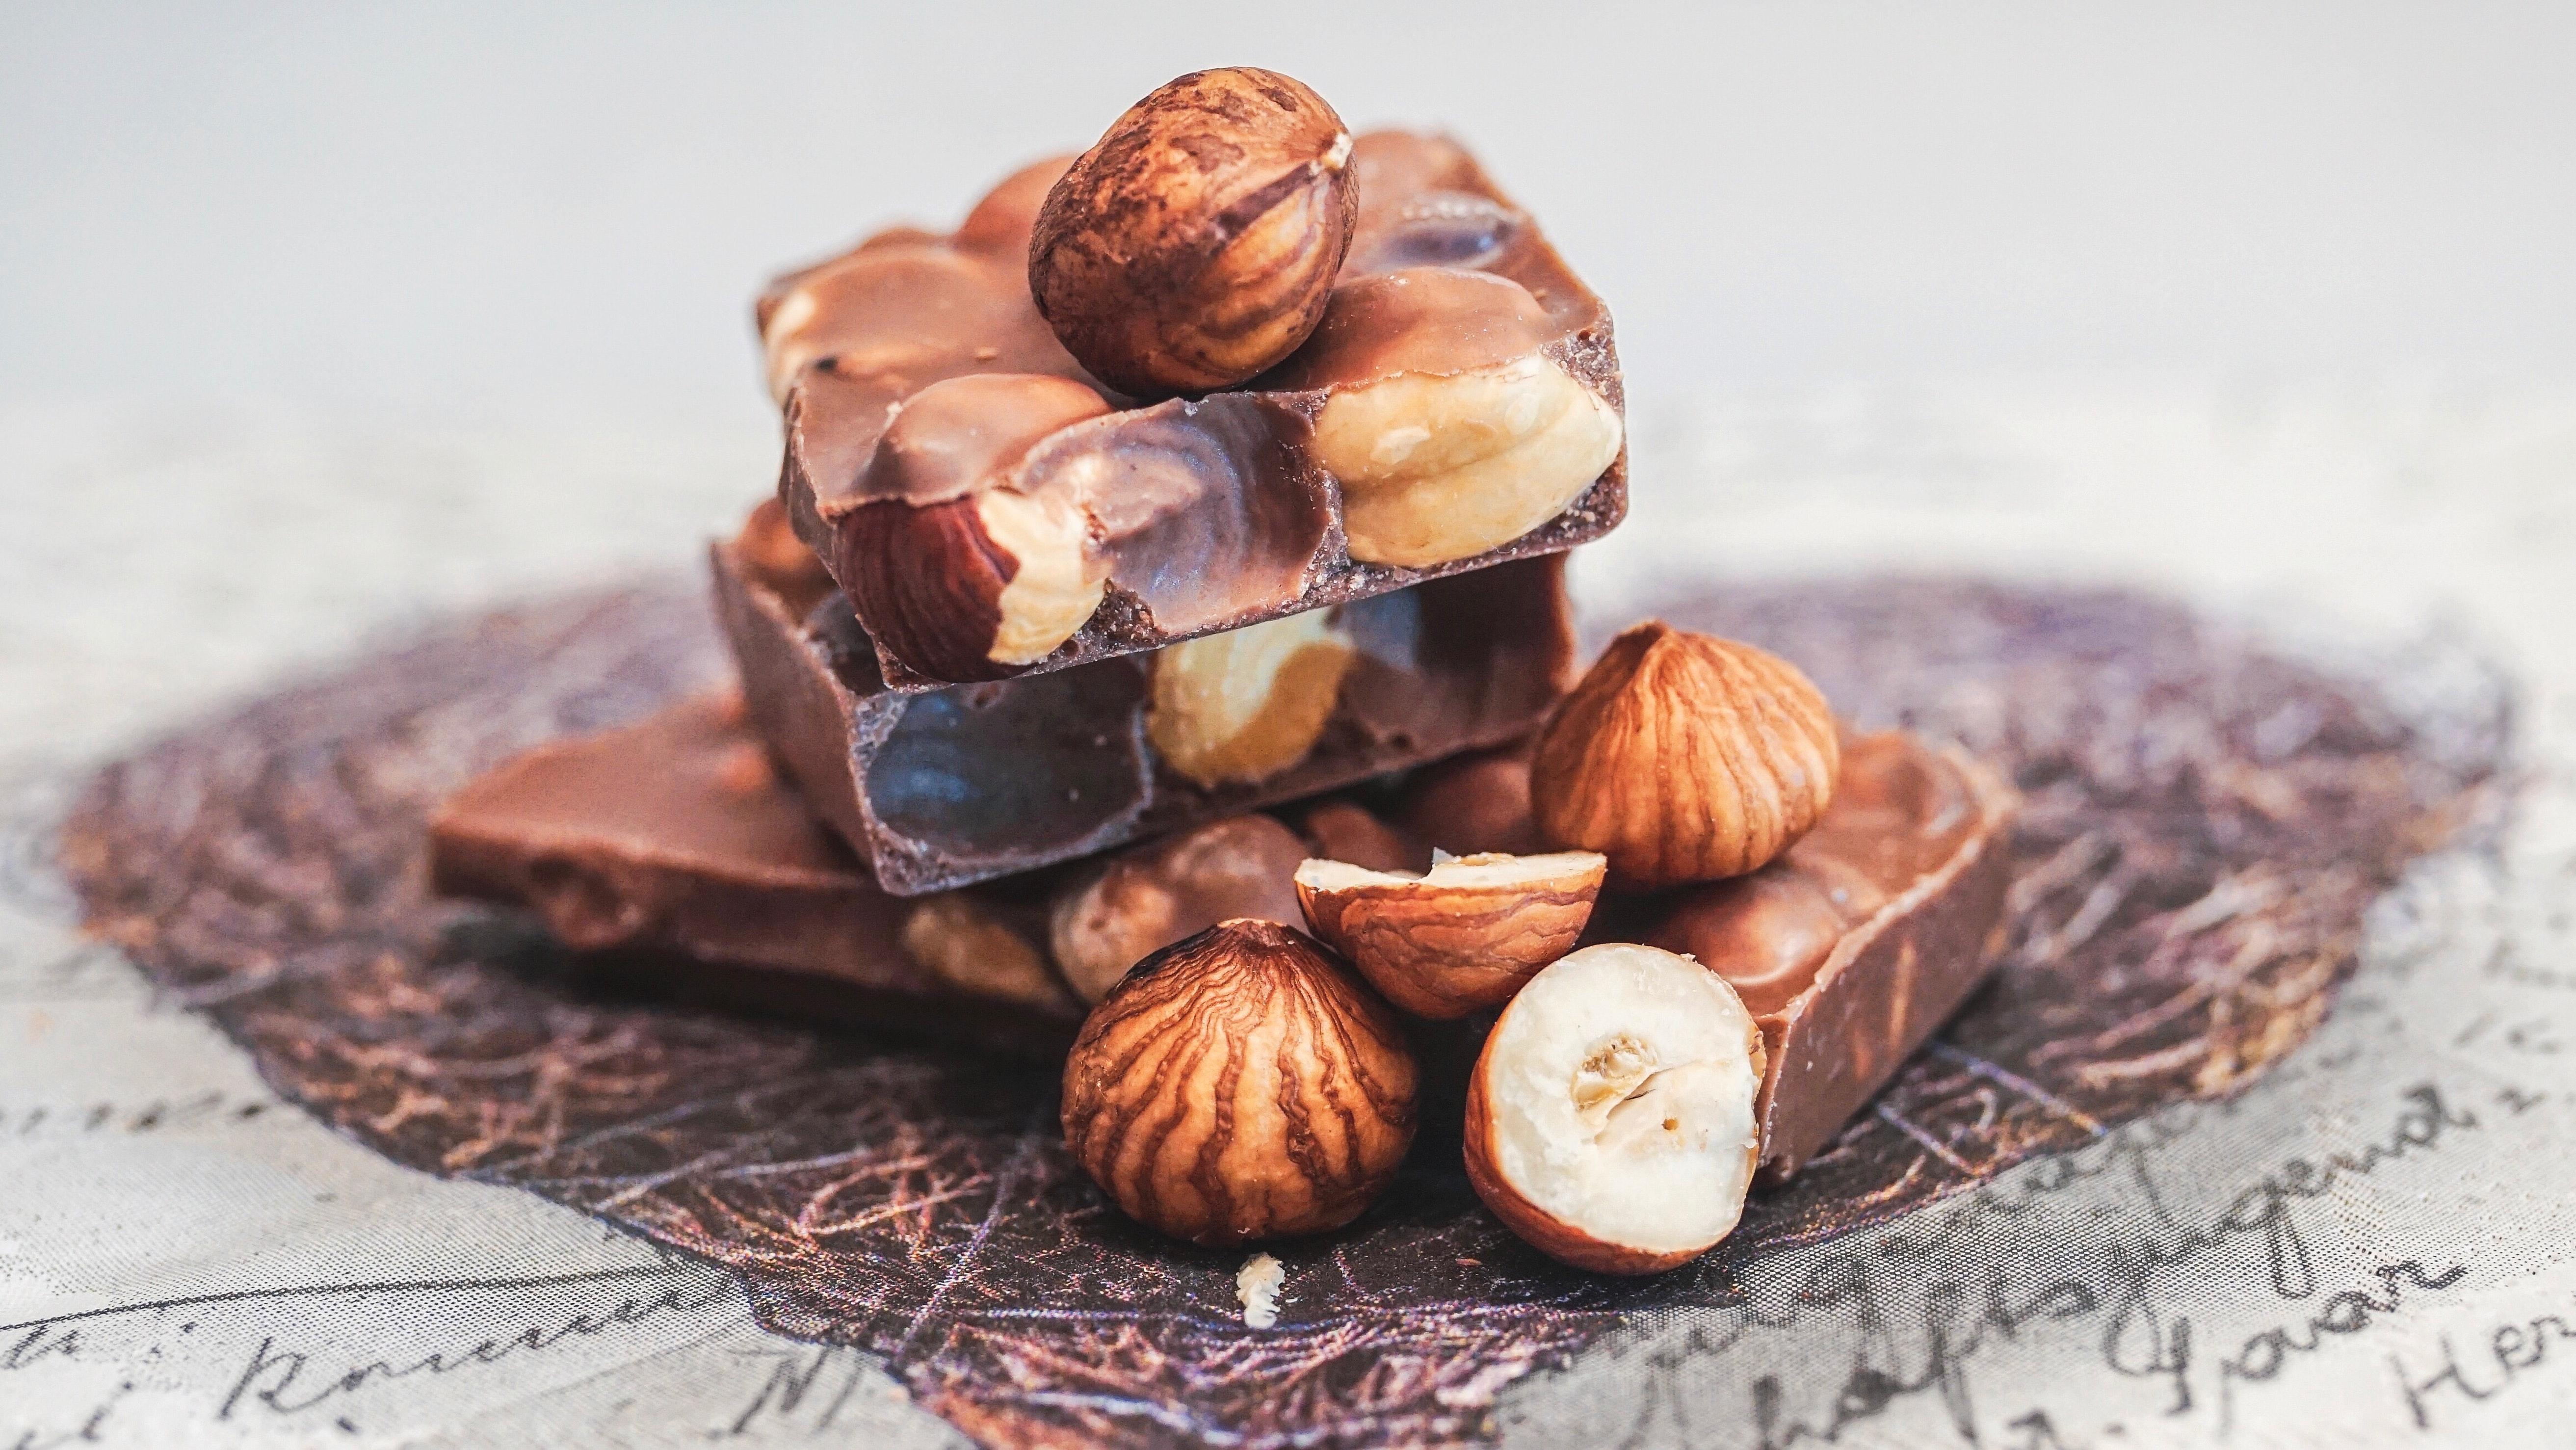 шоколад с орехами pexels-susanne-jutzeler